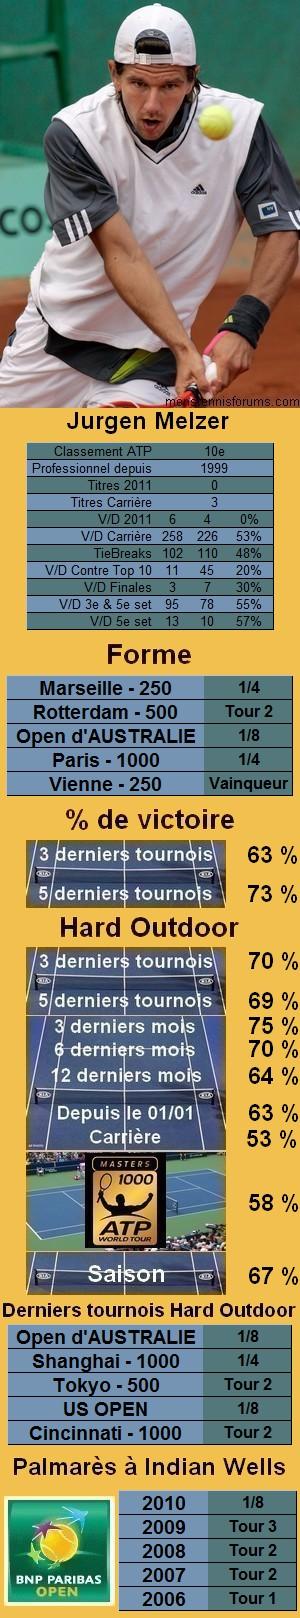 Les statistiques tennis de Jurgen Melzer pour le tournoi de Indian Wells